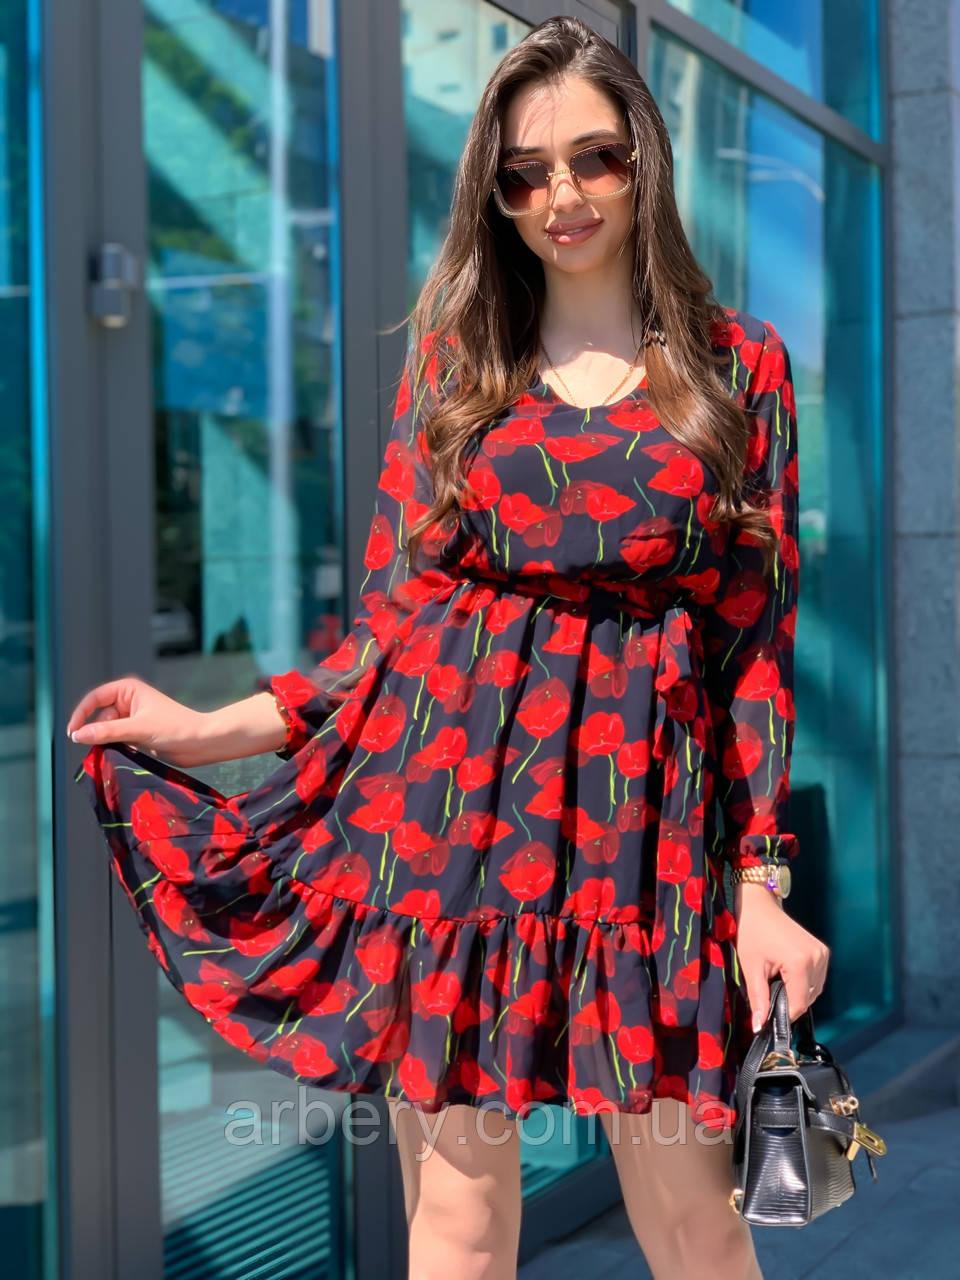 Шикарное шифоновое платье с цветами